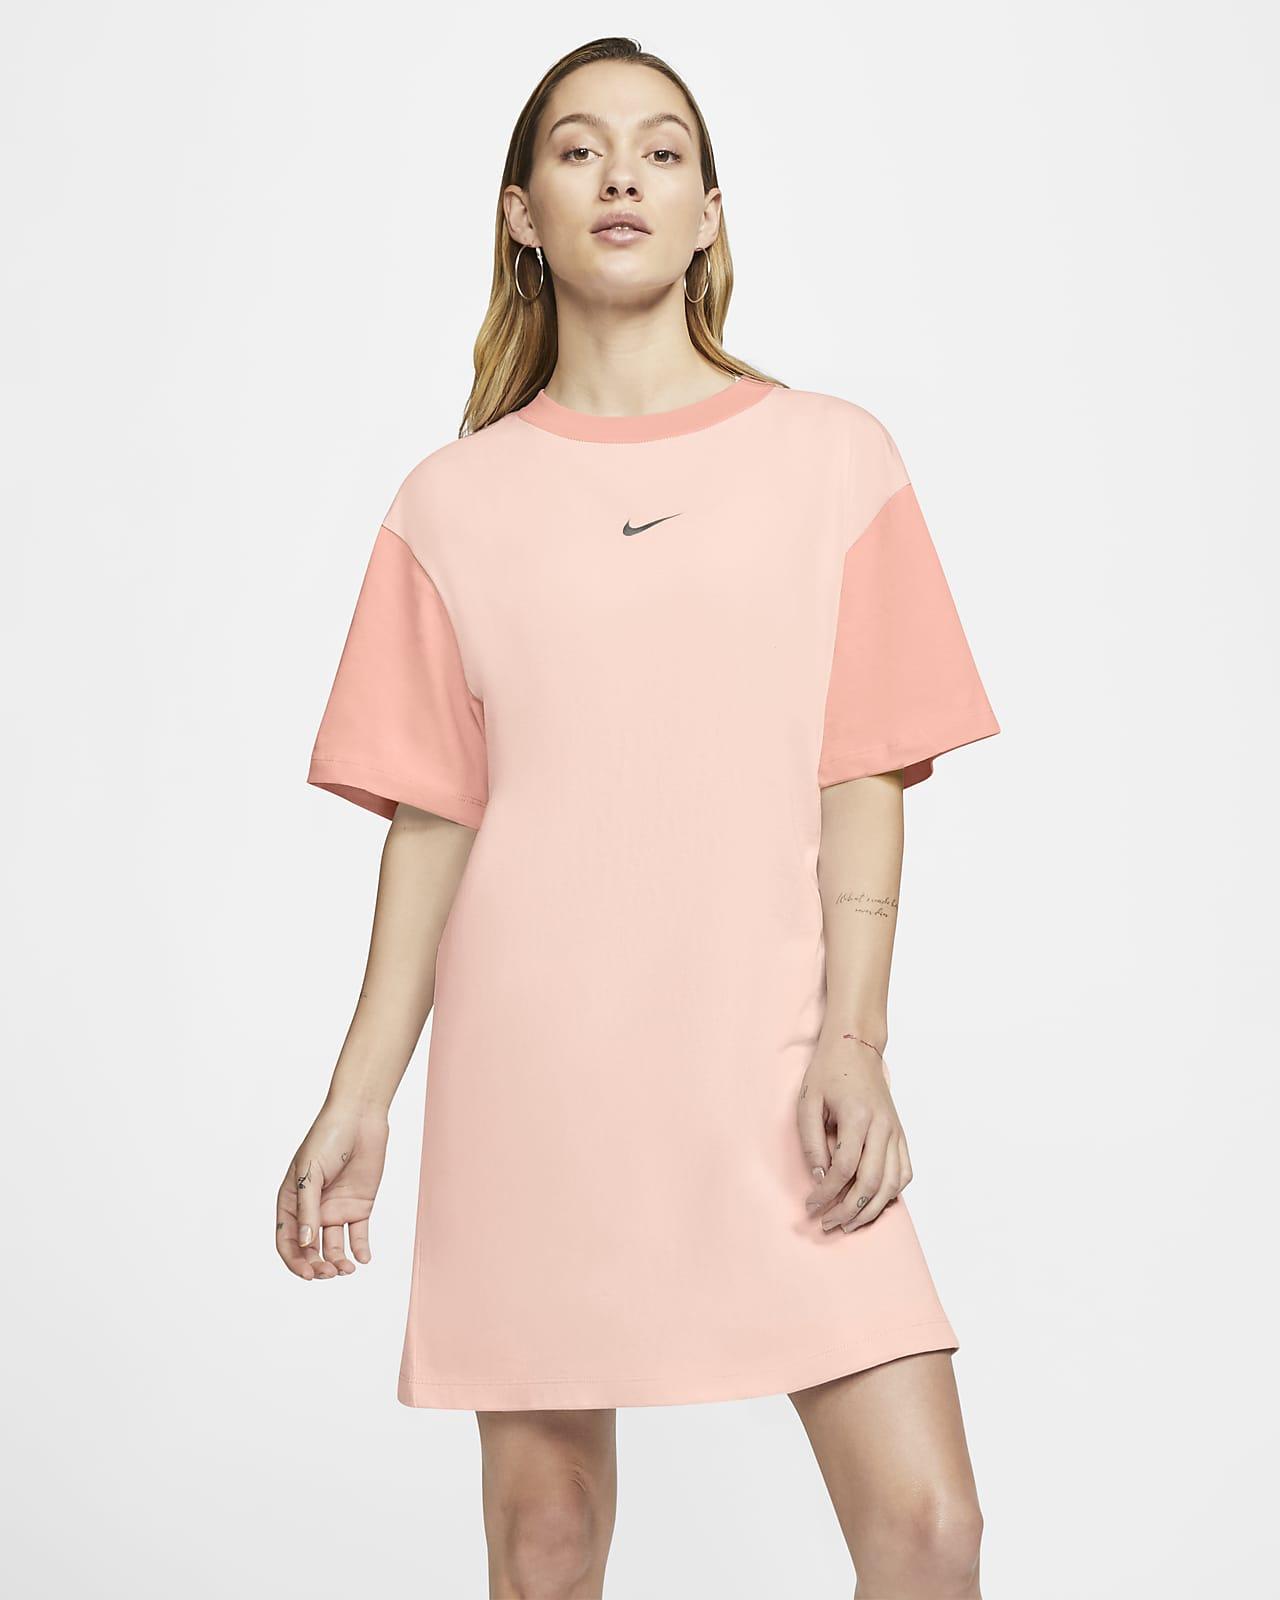 Damska sukienka z logo Swoosh Nike Sportswear